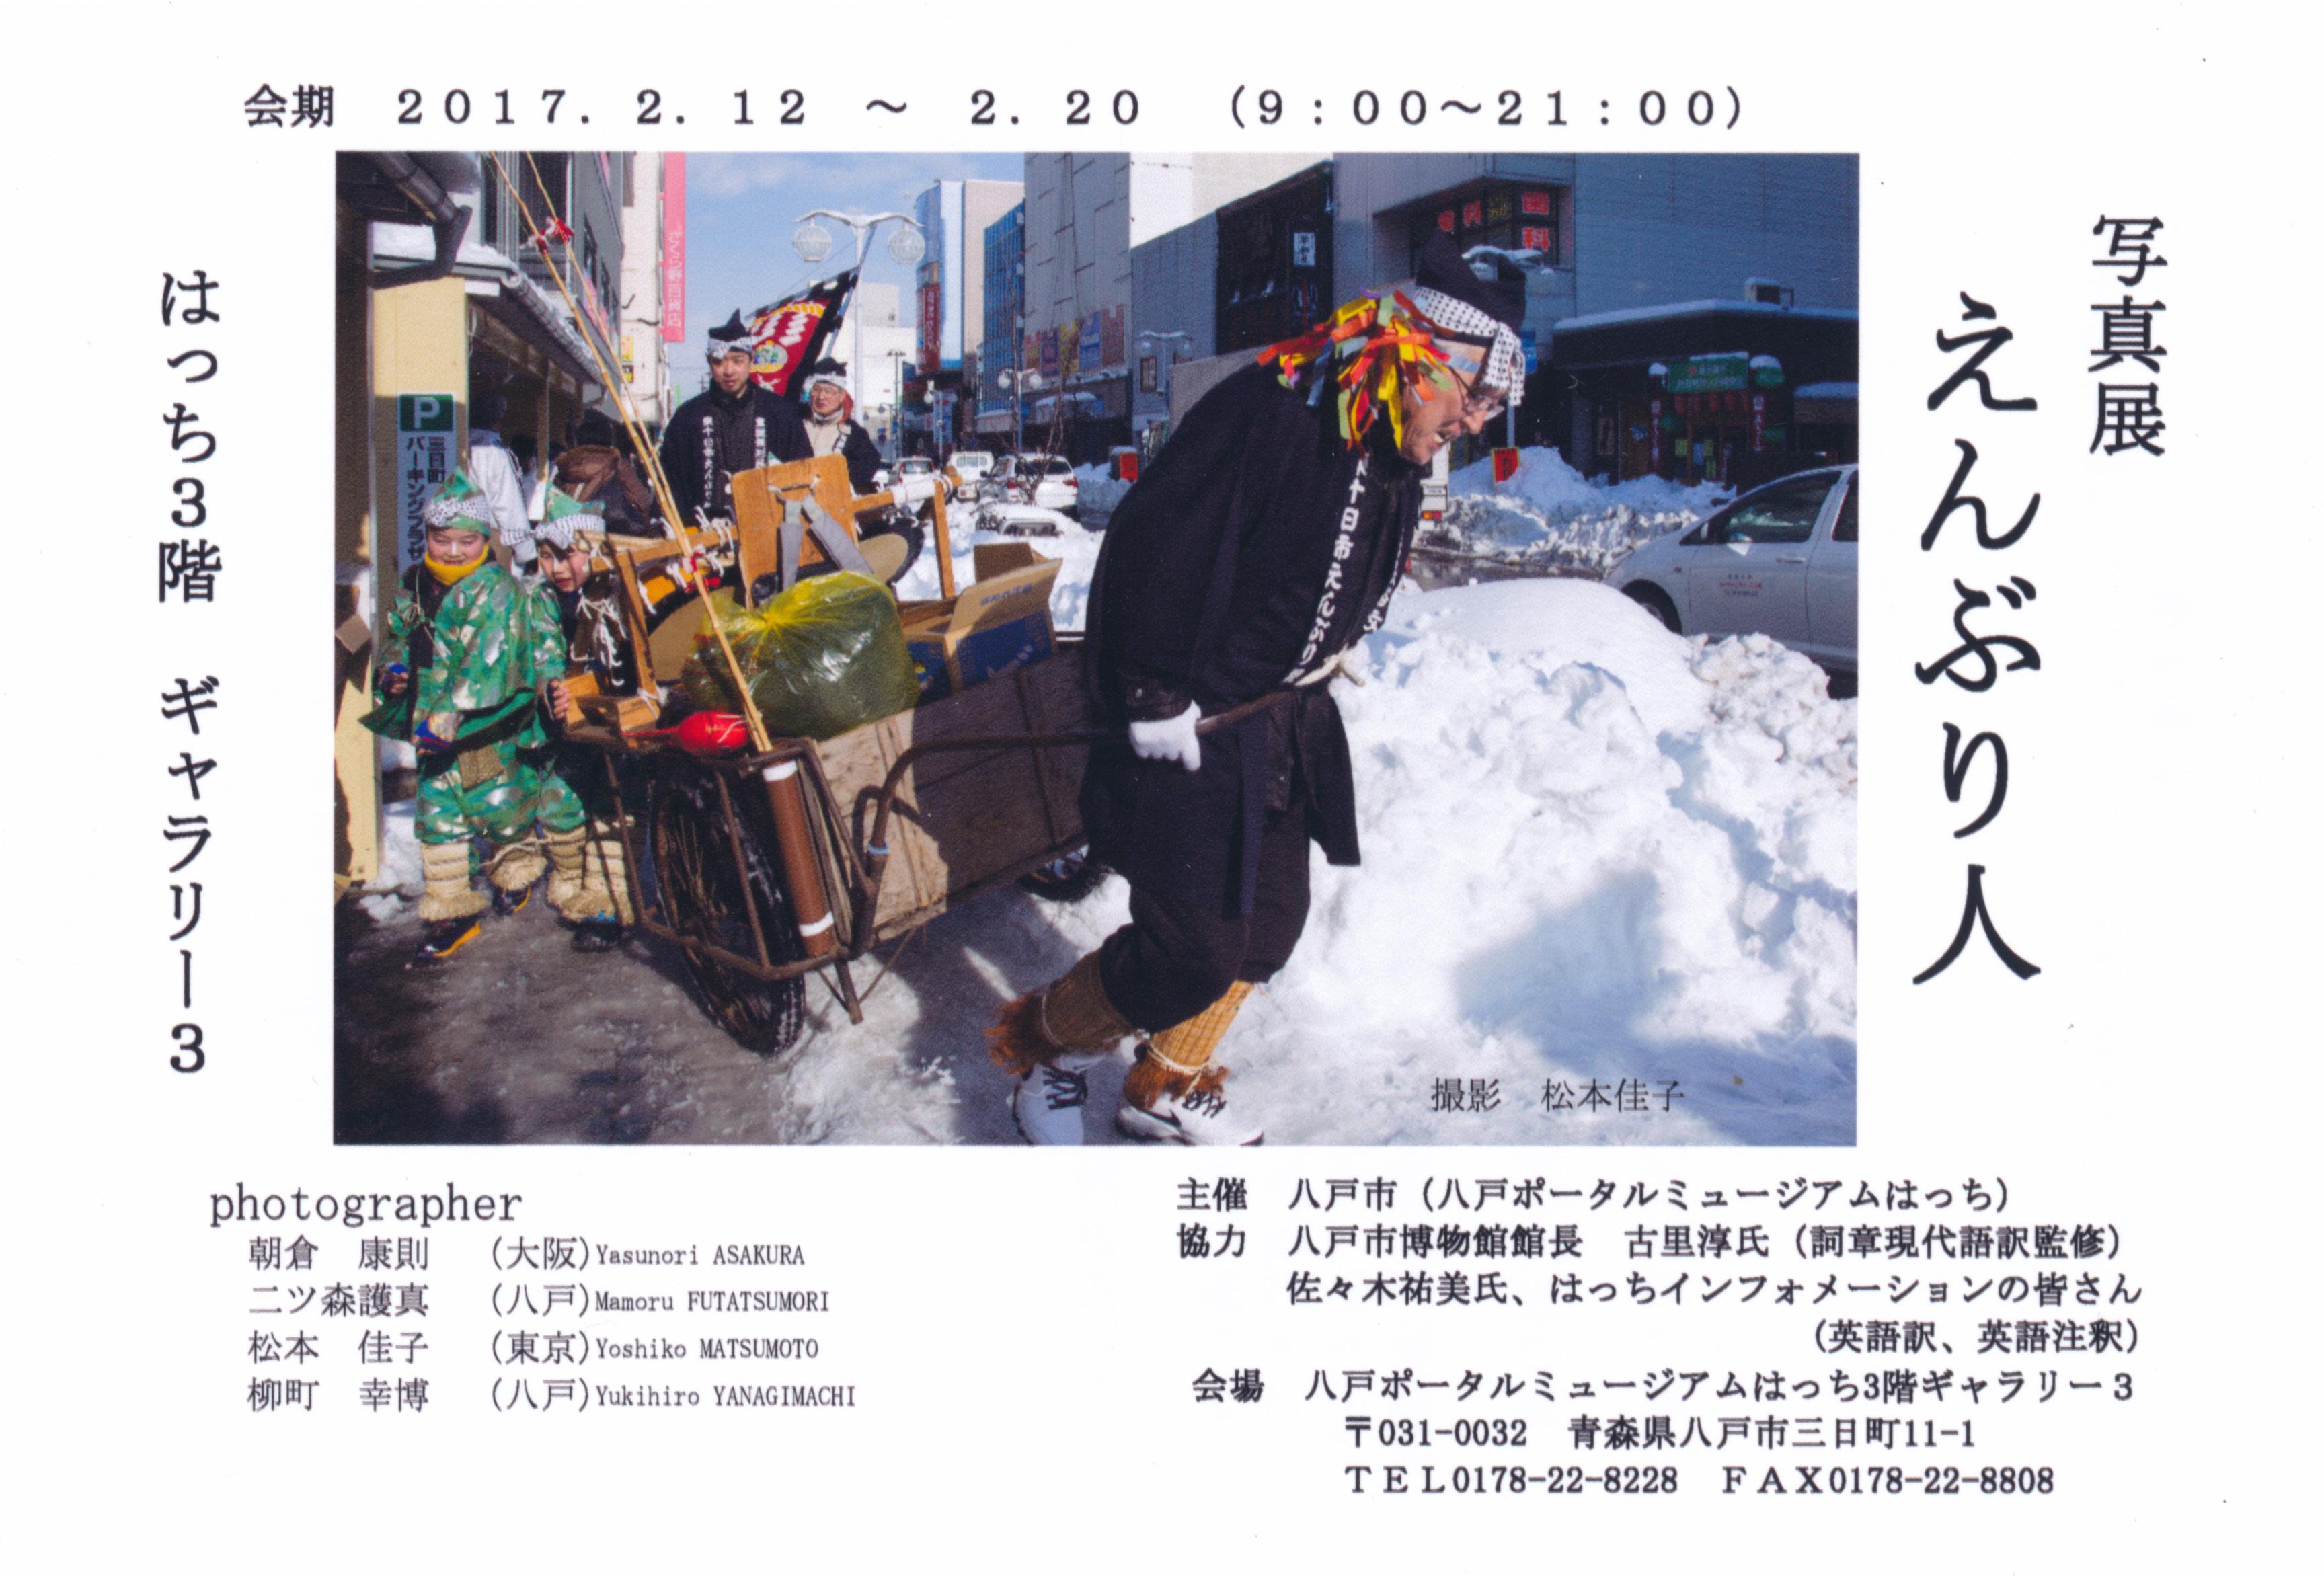 松本佳子 写真展「えんぶり人」